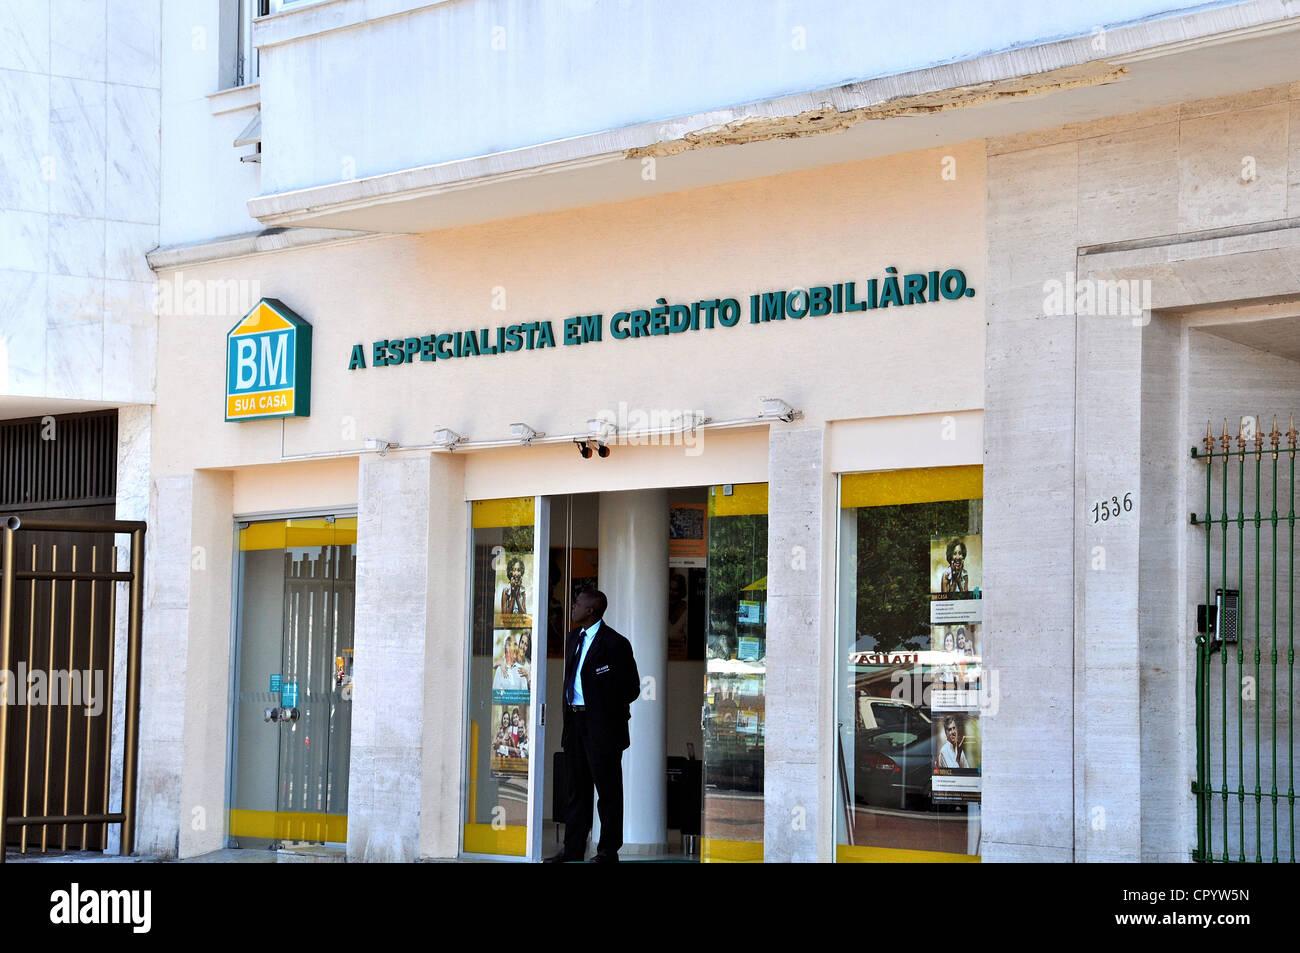 BM Sua Casa office Copacabana Rio de Janeiro Brazil South America - Stock Image